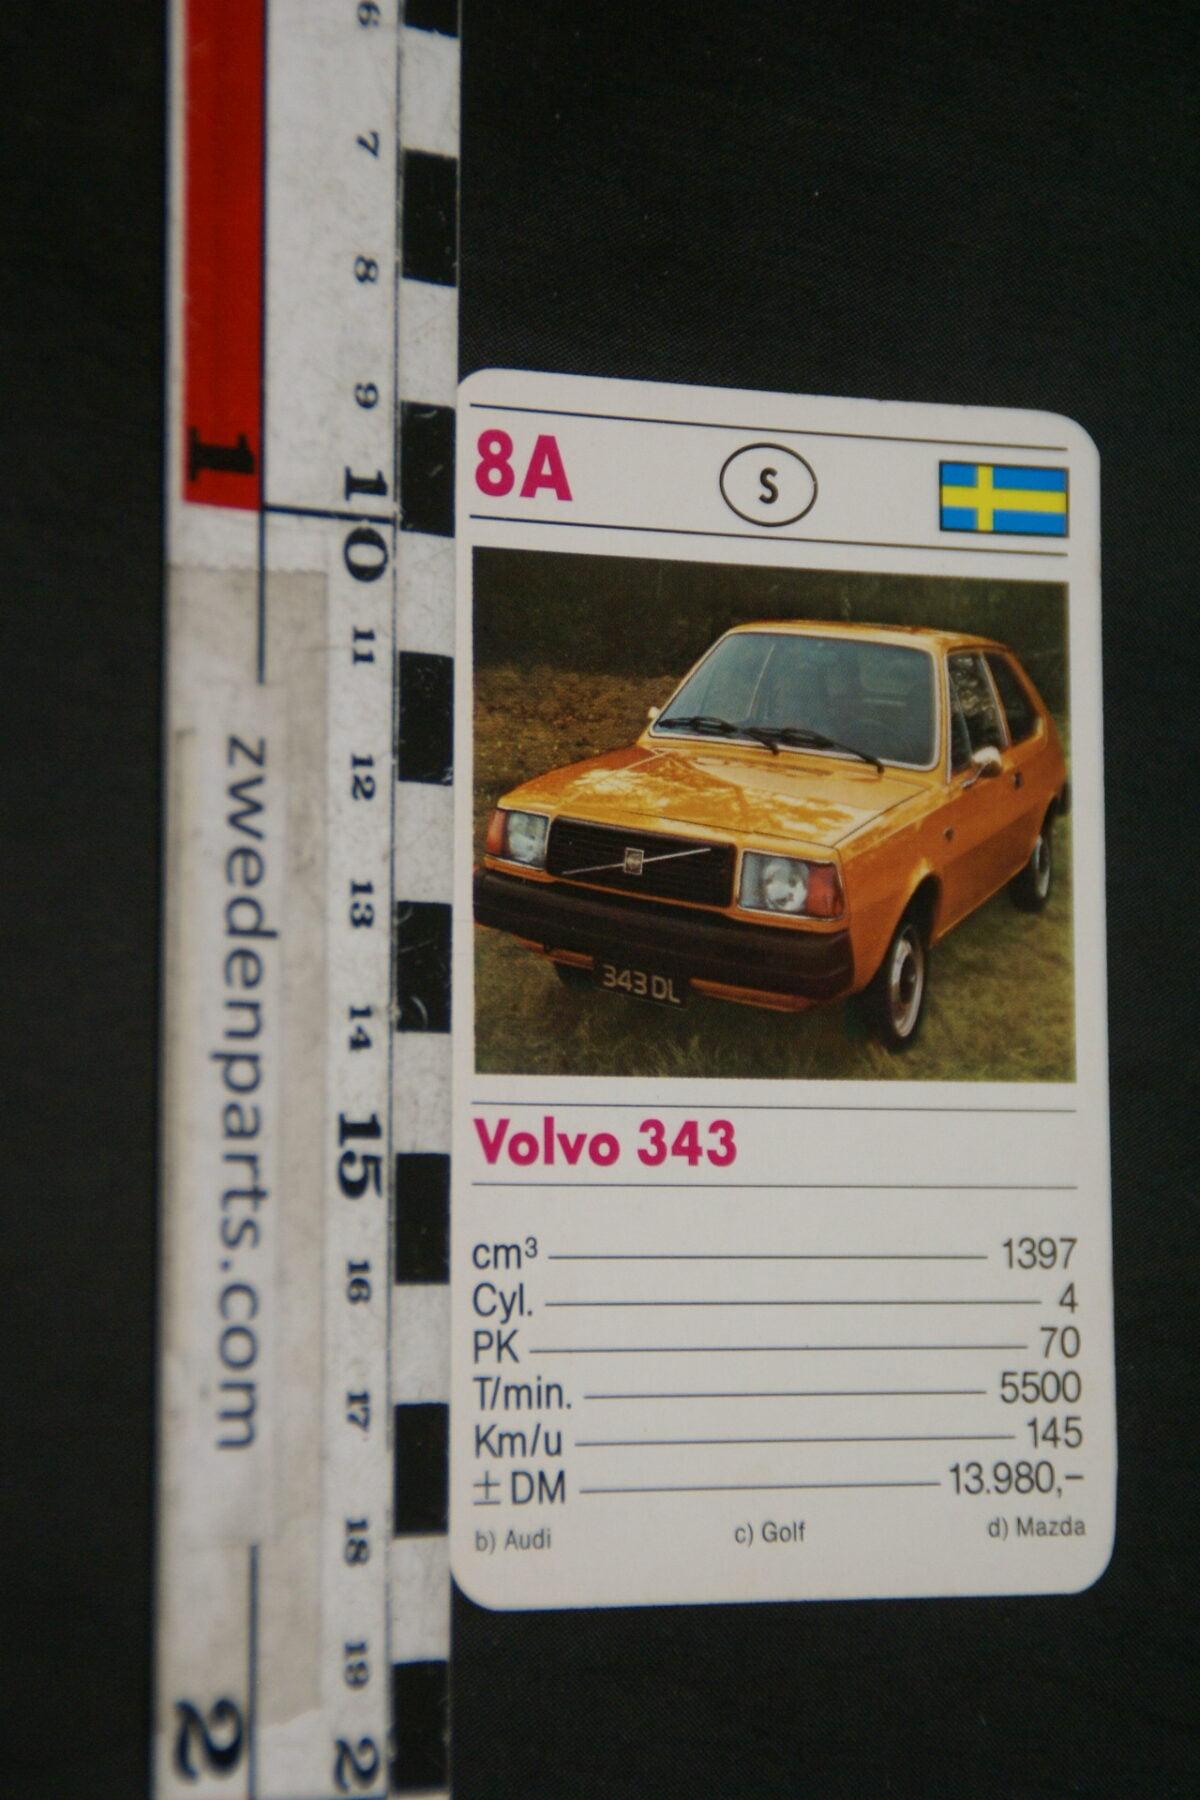 DSC02307 ca. 1977 origineel autokwartetkaart Volvo 343-a115973e